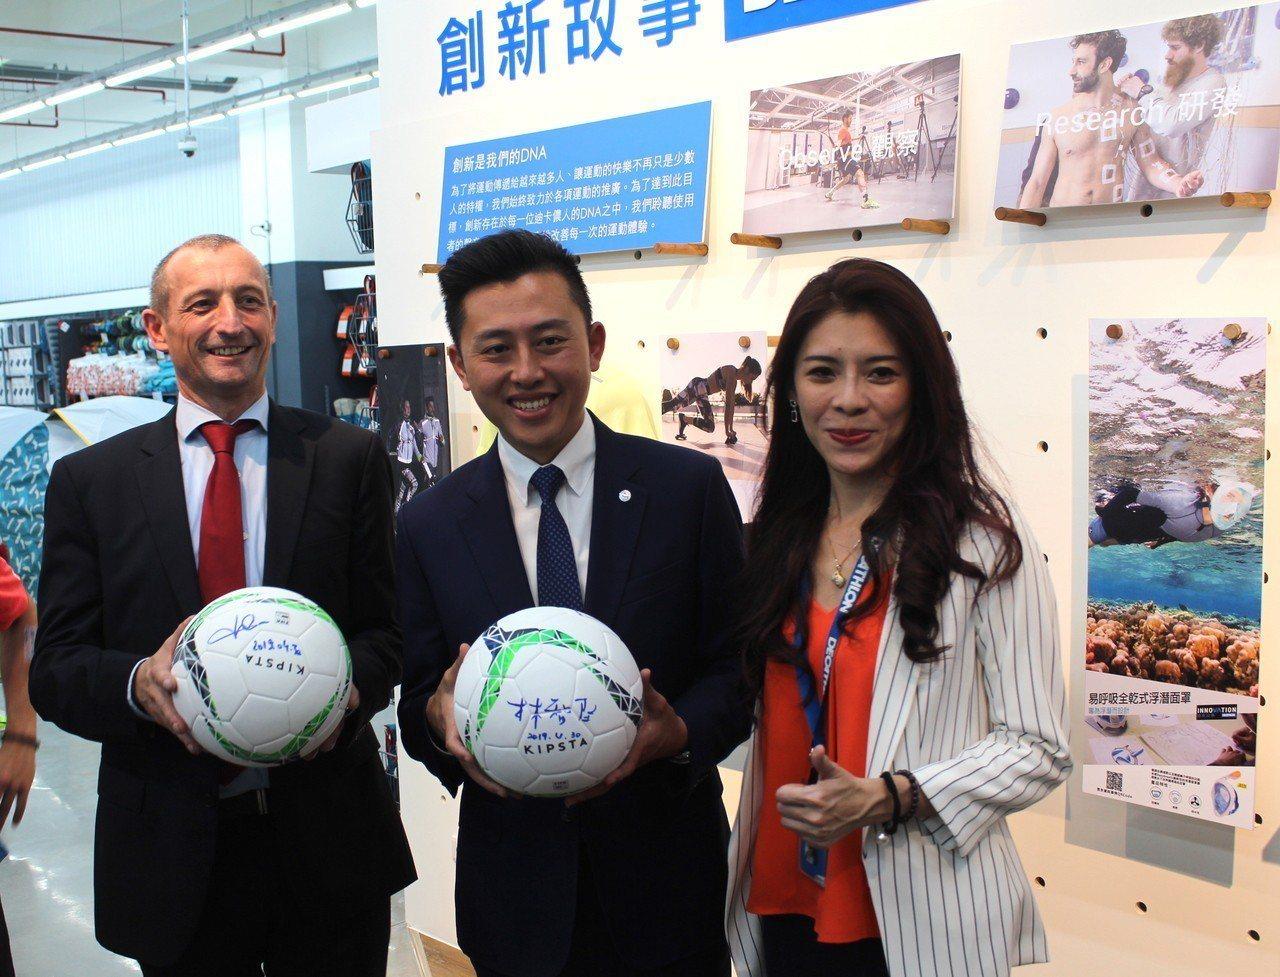 台灣迪卡儂CEO紀杰夫(左)與新竹市長林智堅(右)交換簽名足球。記者張雅婷/攝影